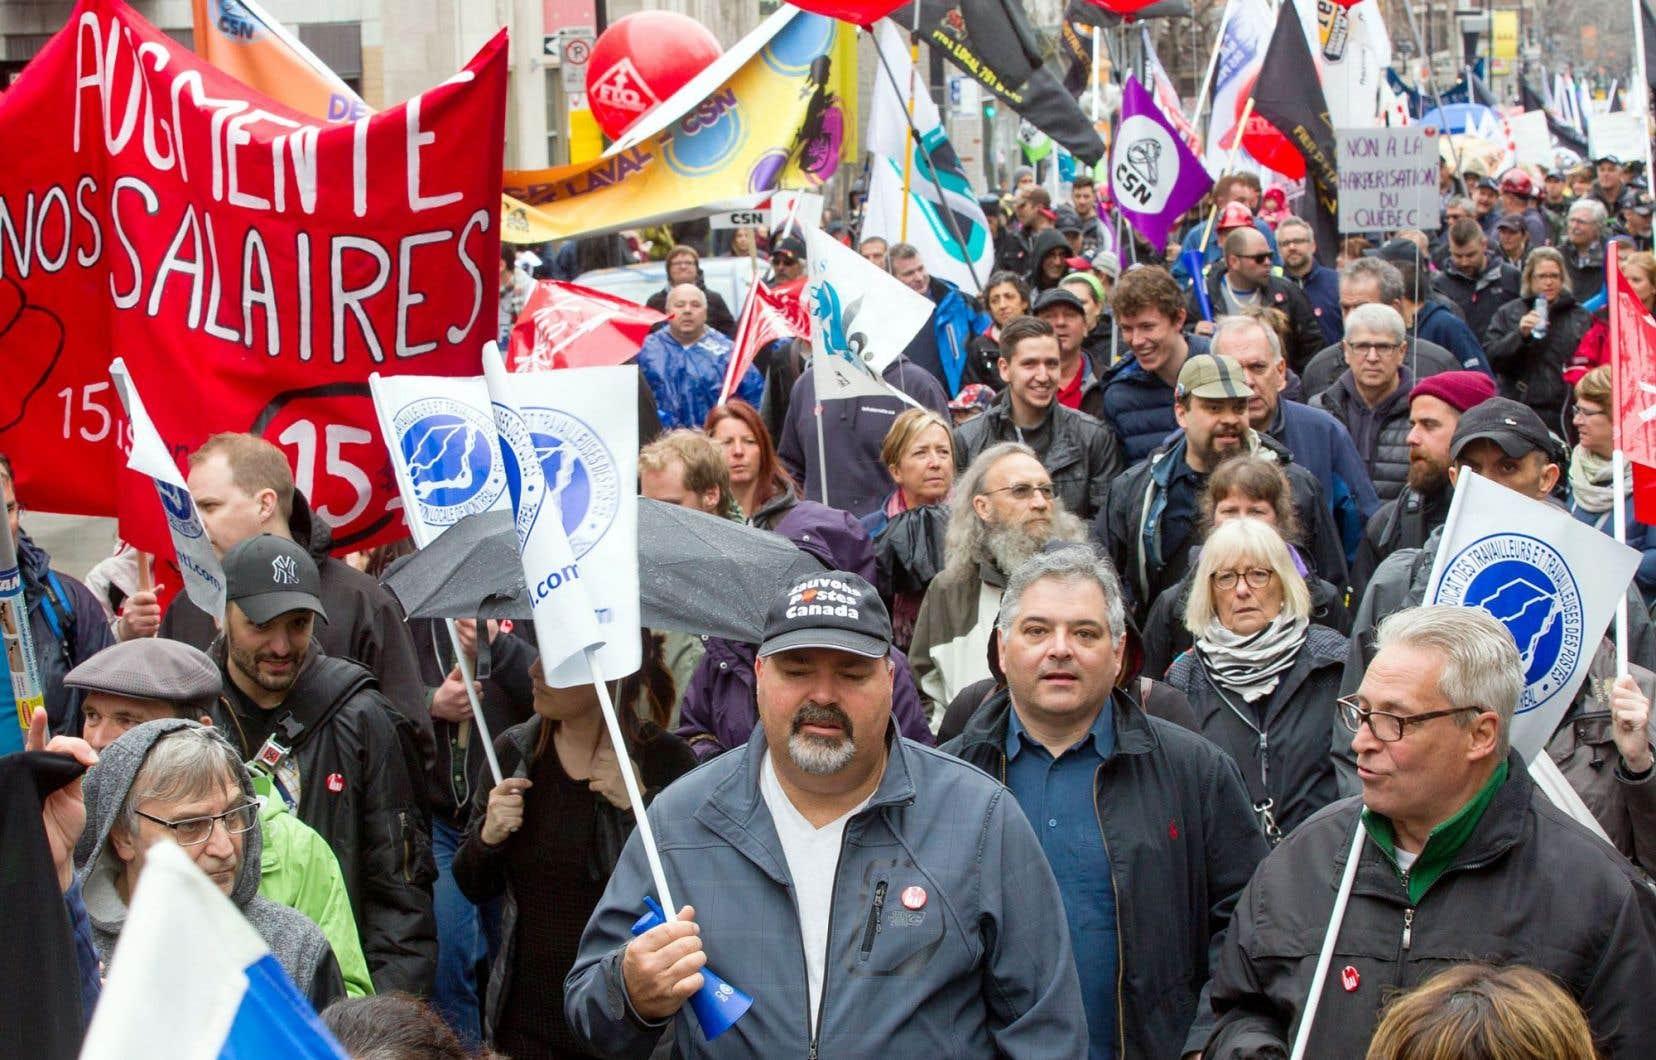 Le Canada s'engage à promouvoir le droit à la libre négociation et à protéger les travailleurs contre la discrimination syndicale.